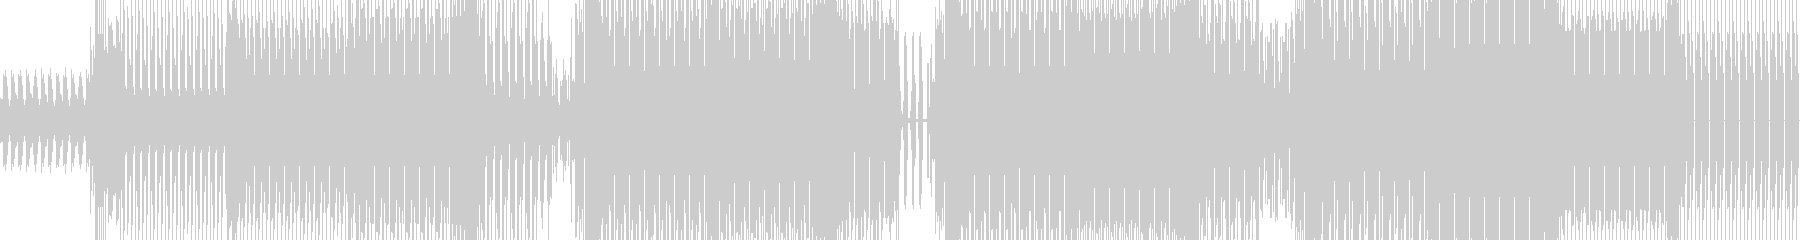 エレクトロニクス、コンピューター、...の未再生の波形